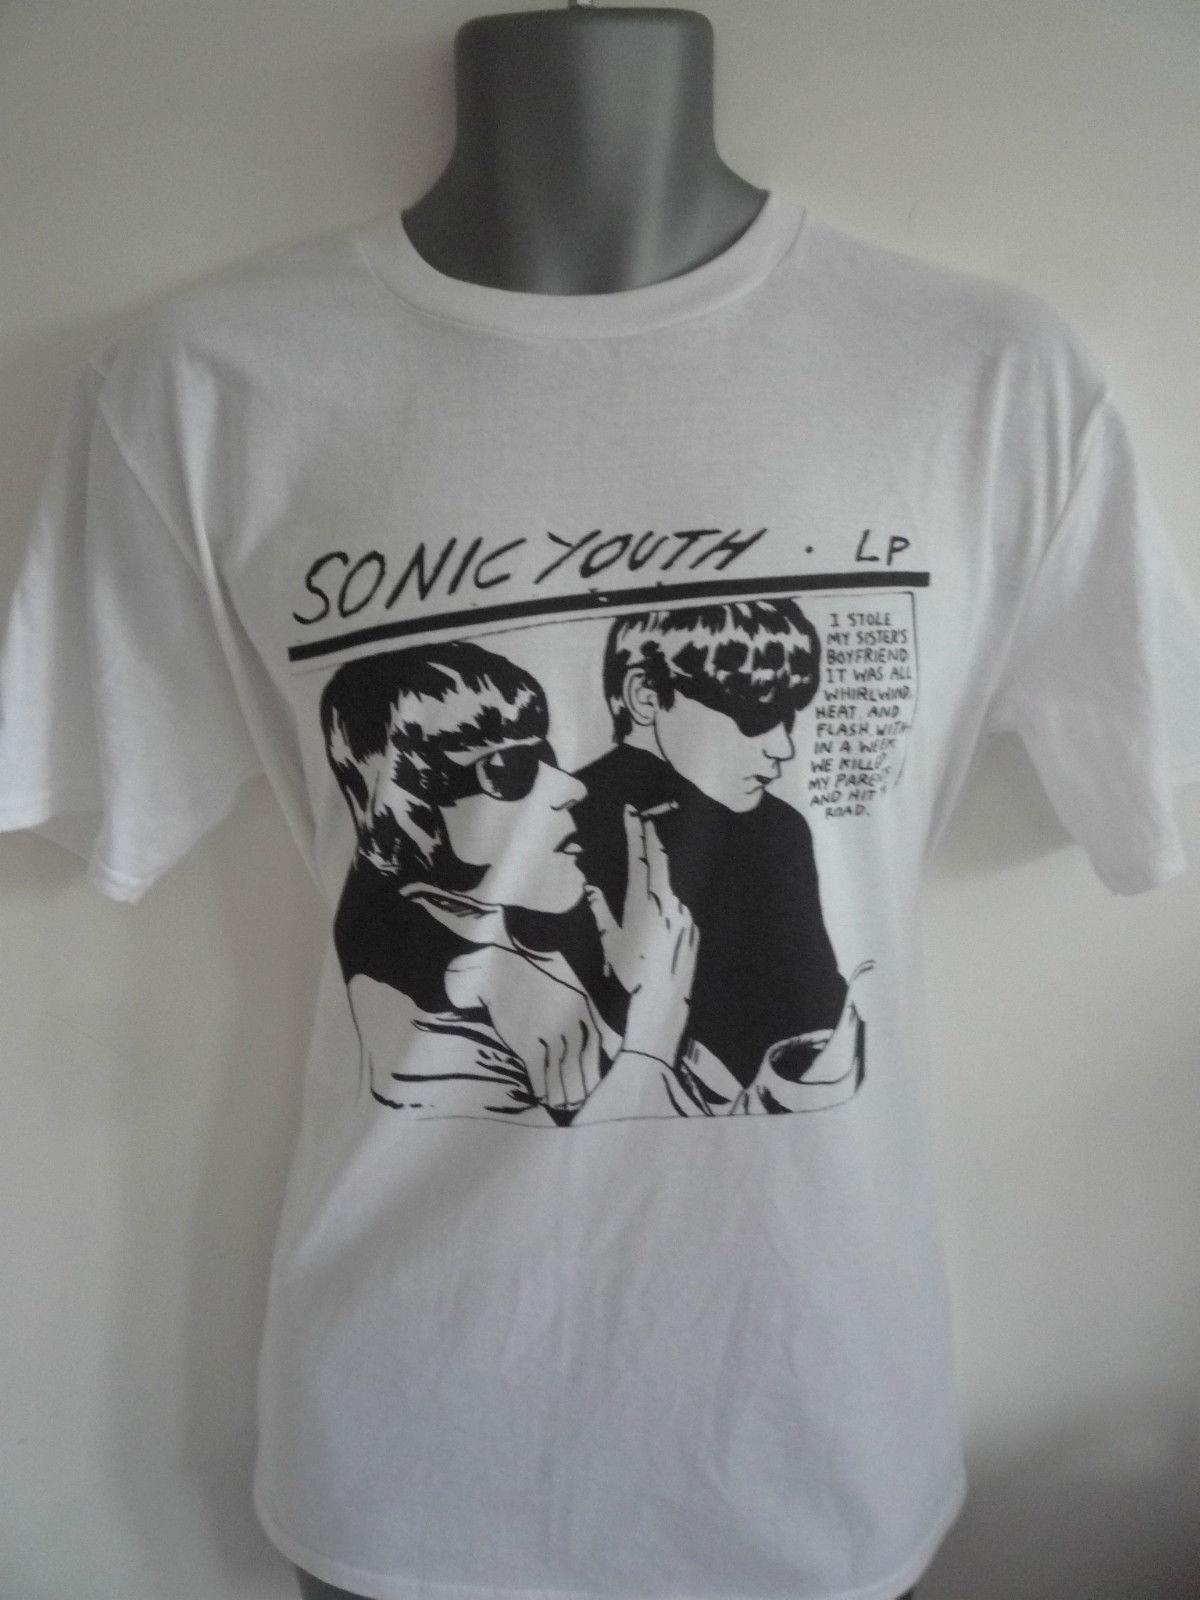 2f1bdd70 SONIC YOUTH GOO T SHIRTfunny 100% Cotton T Shirt Shirts Print Funny T Shirt  Prints From Eightcup, $16.24  DHgate.Com